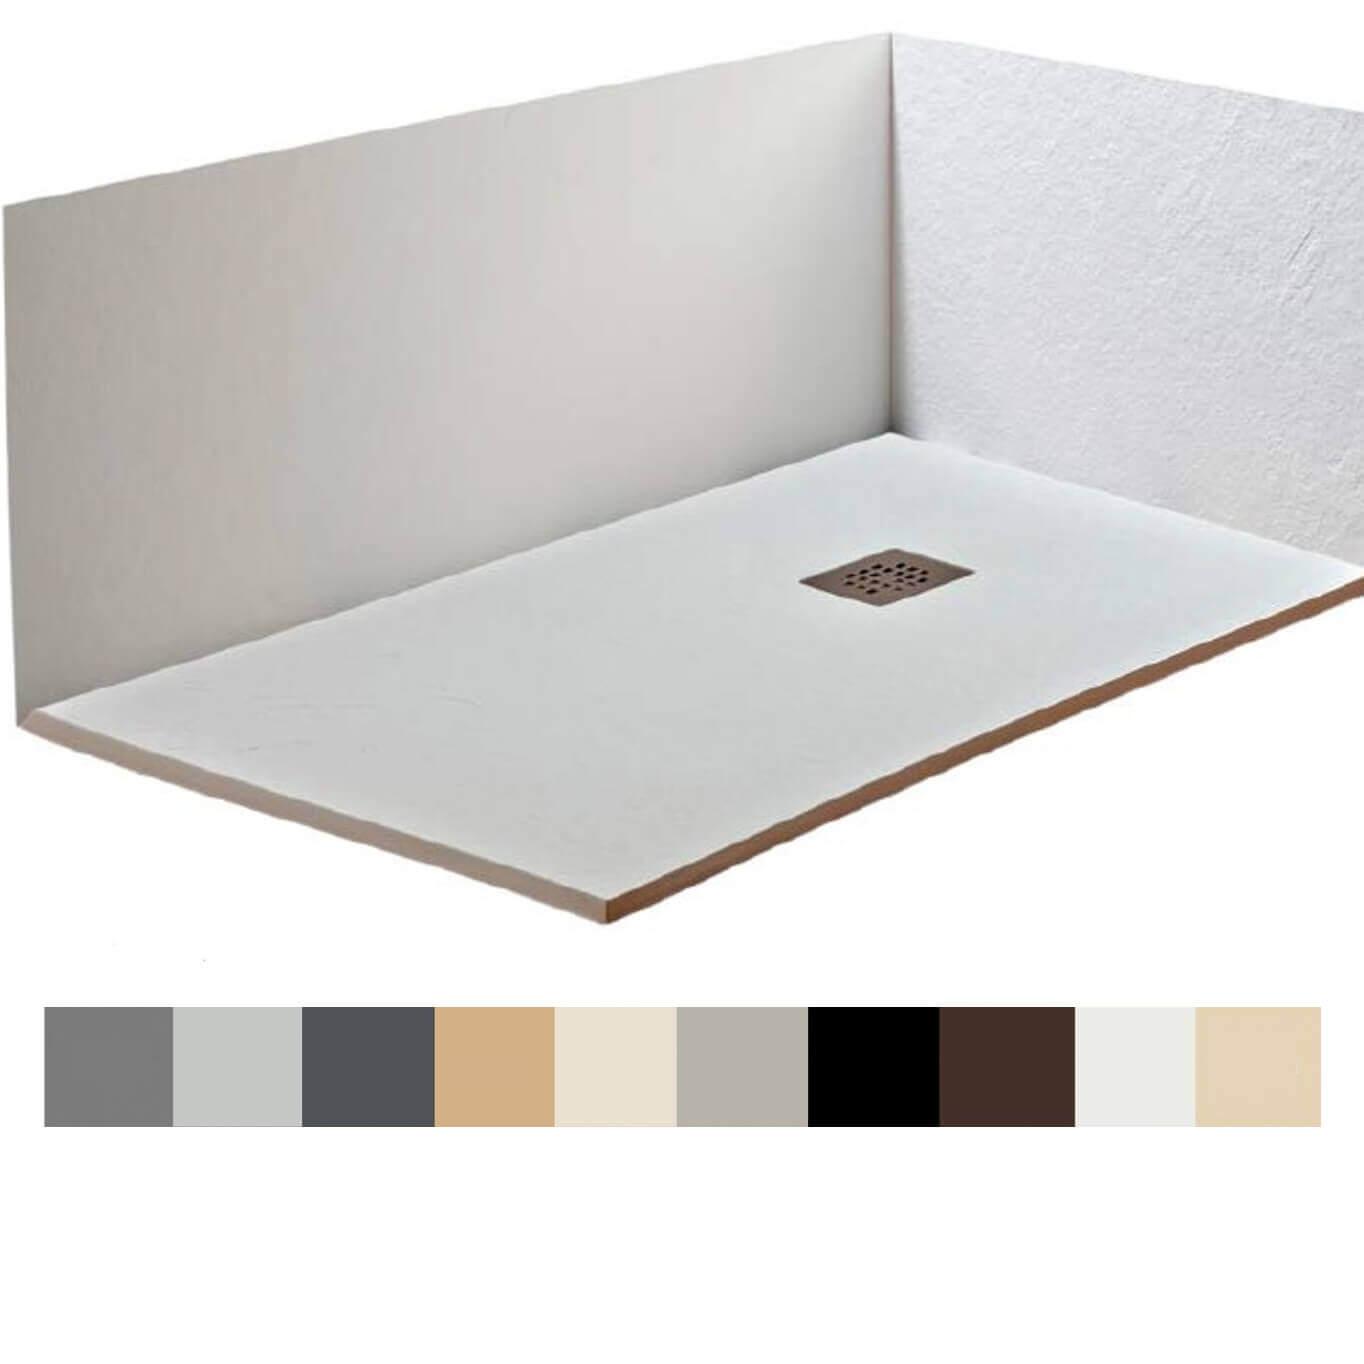 Platos De Ducha A Medida Baratos.Panel Revestimiento De Resina Y Carga Mineral